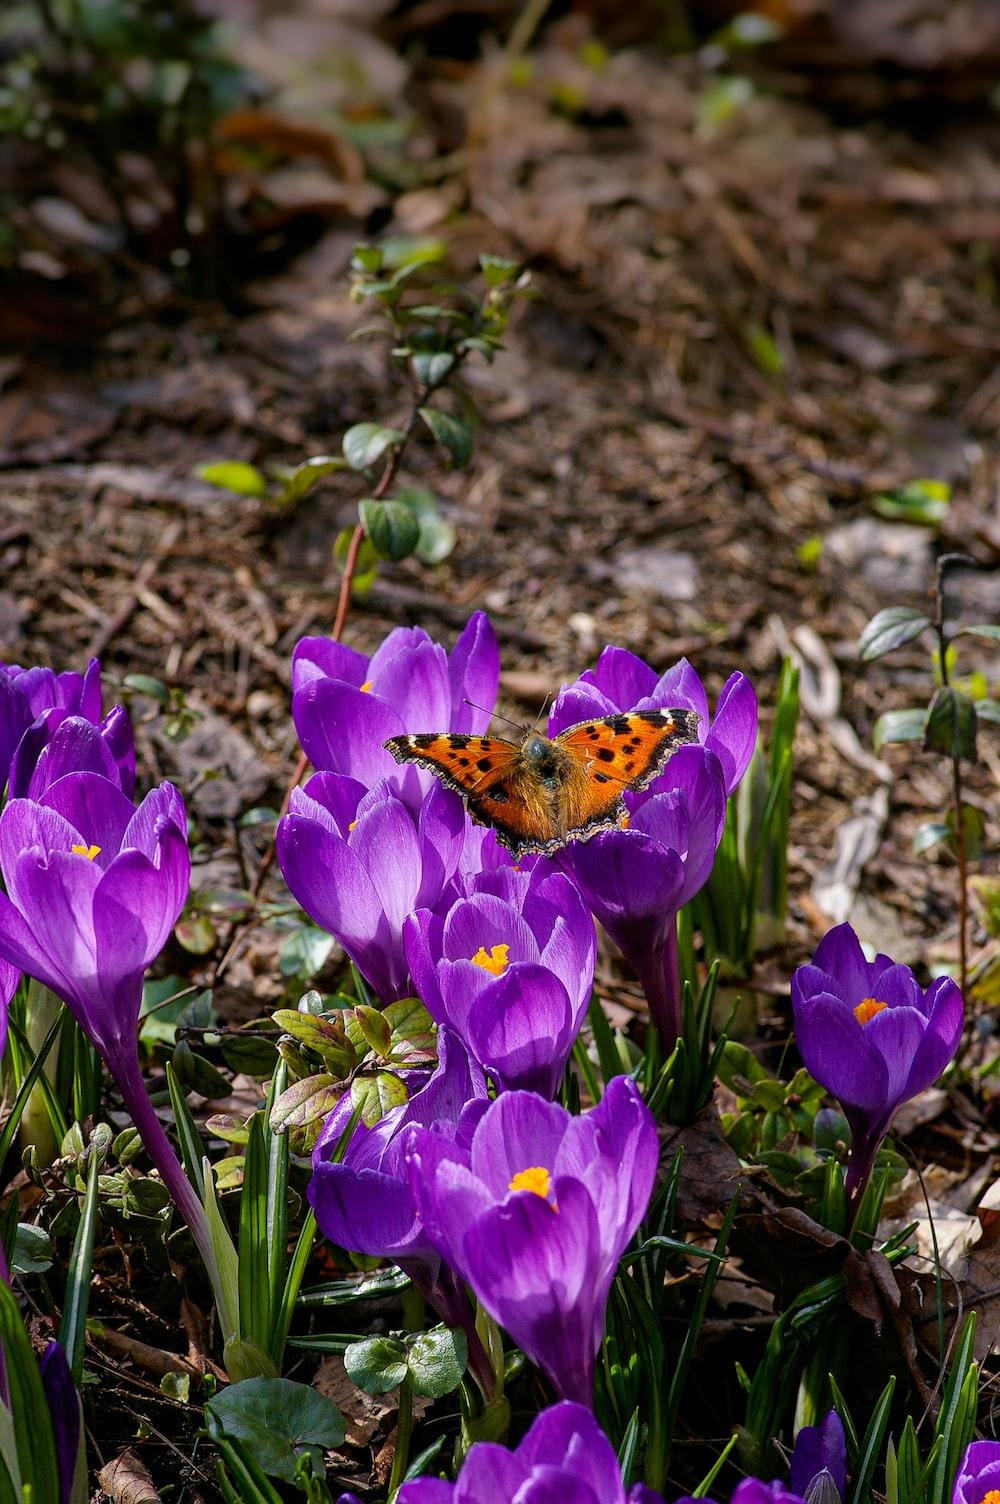 brown butterfly on purple flower